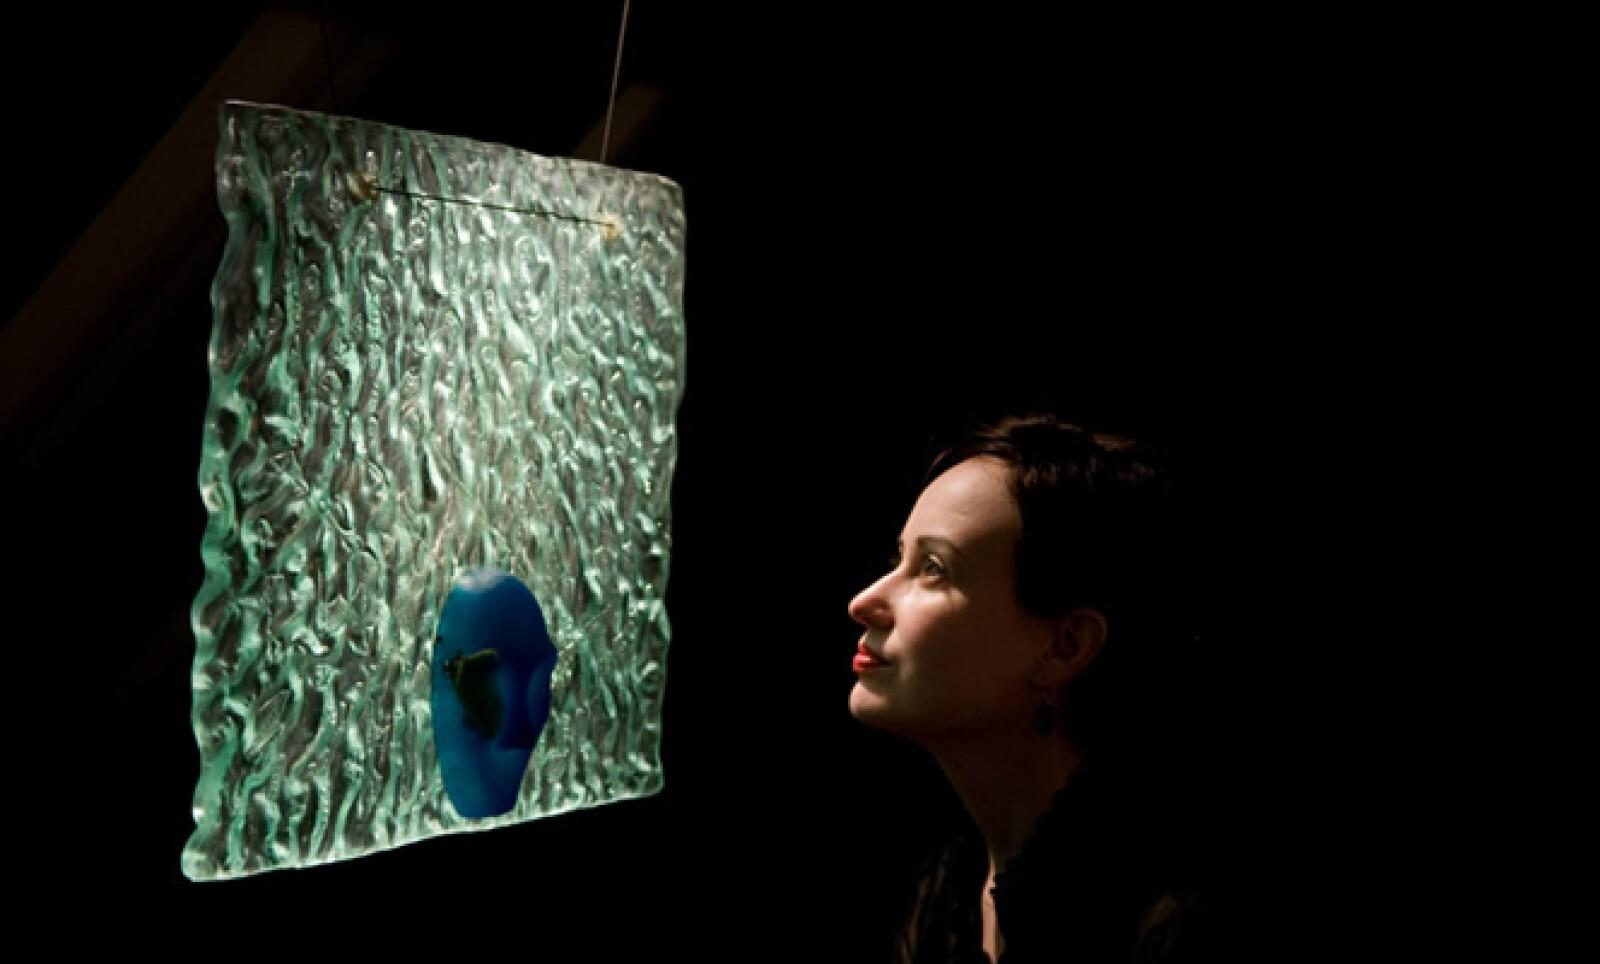 """El ático del museo alberga la colección permanente de arte contemporáneo en vidrio; en la foto aparece la obra """"El Telón"""", elaborada por Sara Sulkin en 1996 y que es parte del acervo permanente del Museo."""